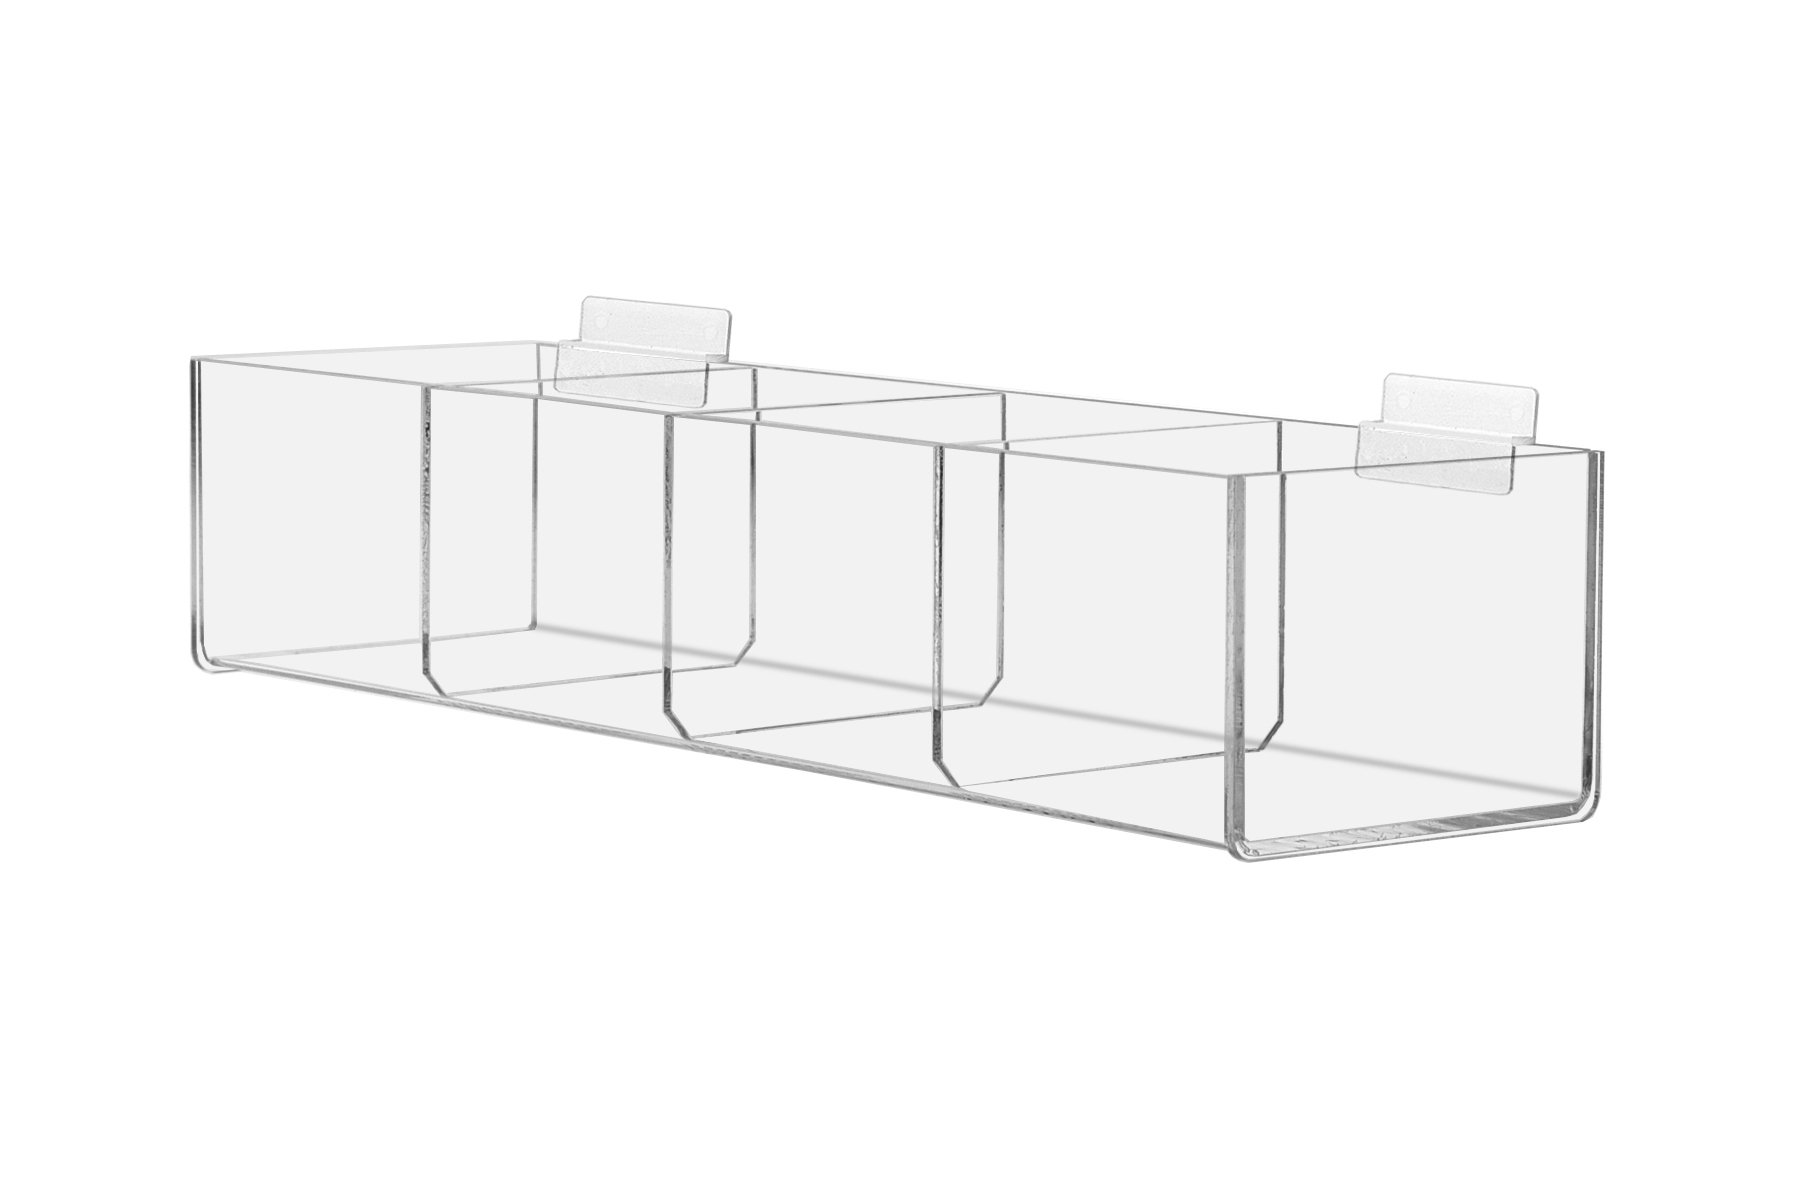 Marketing Holders Slat-wall Compartment Bin Clear Organization Storage Display 4 Bin Compartment Qty 1